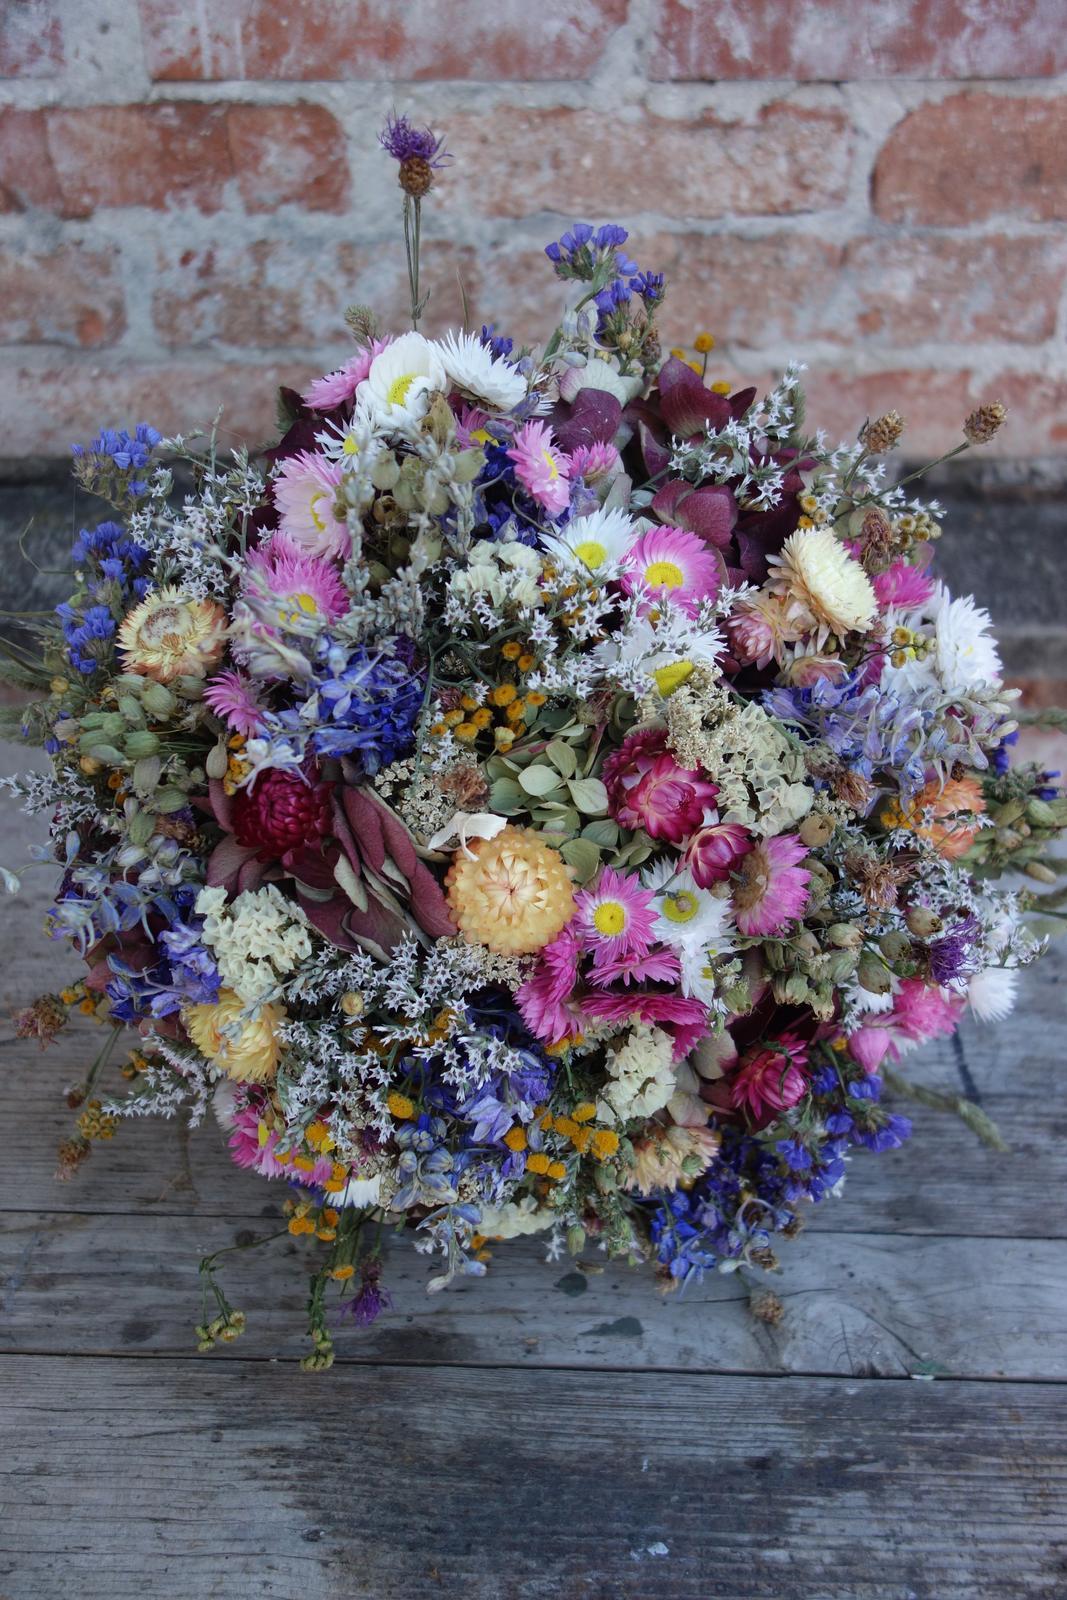 Moje svadobné kytice zo sušených kvetov rok 2019 - Obrázok č. 1